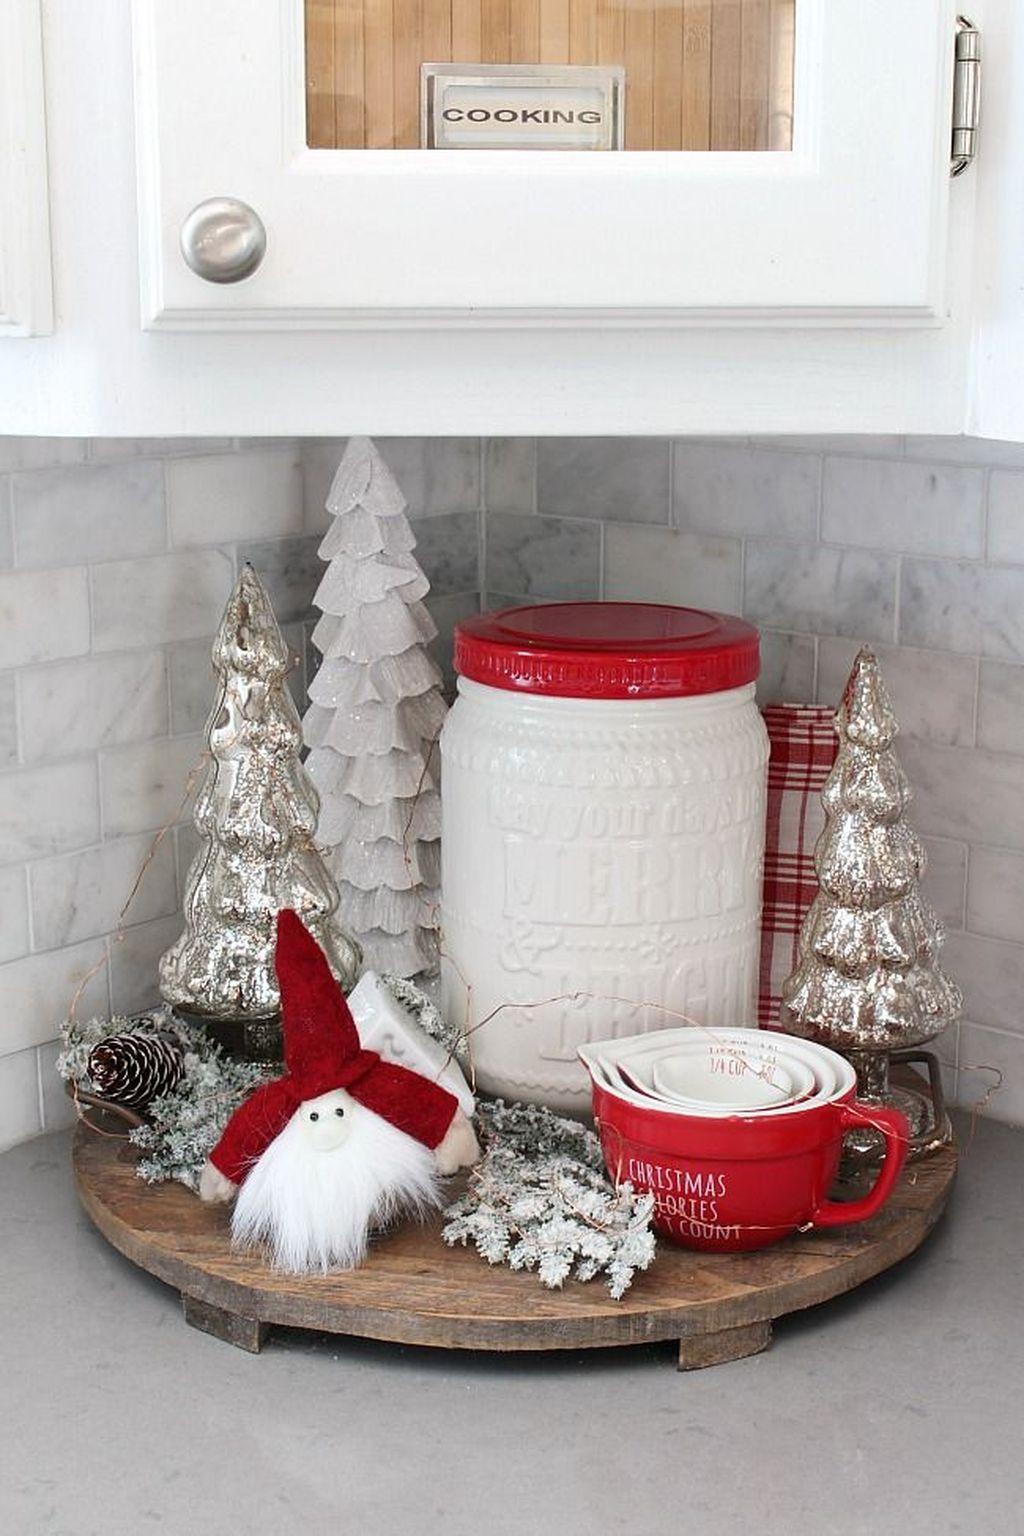 Awesome Christmas Theme Kitchen Decor Ideas 33